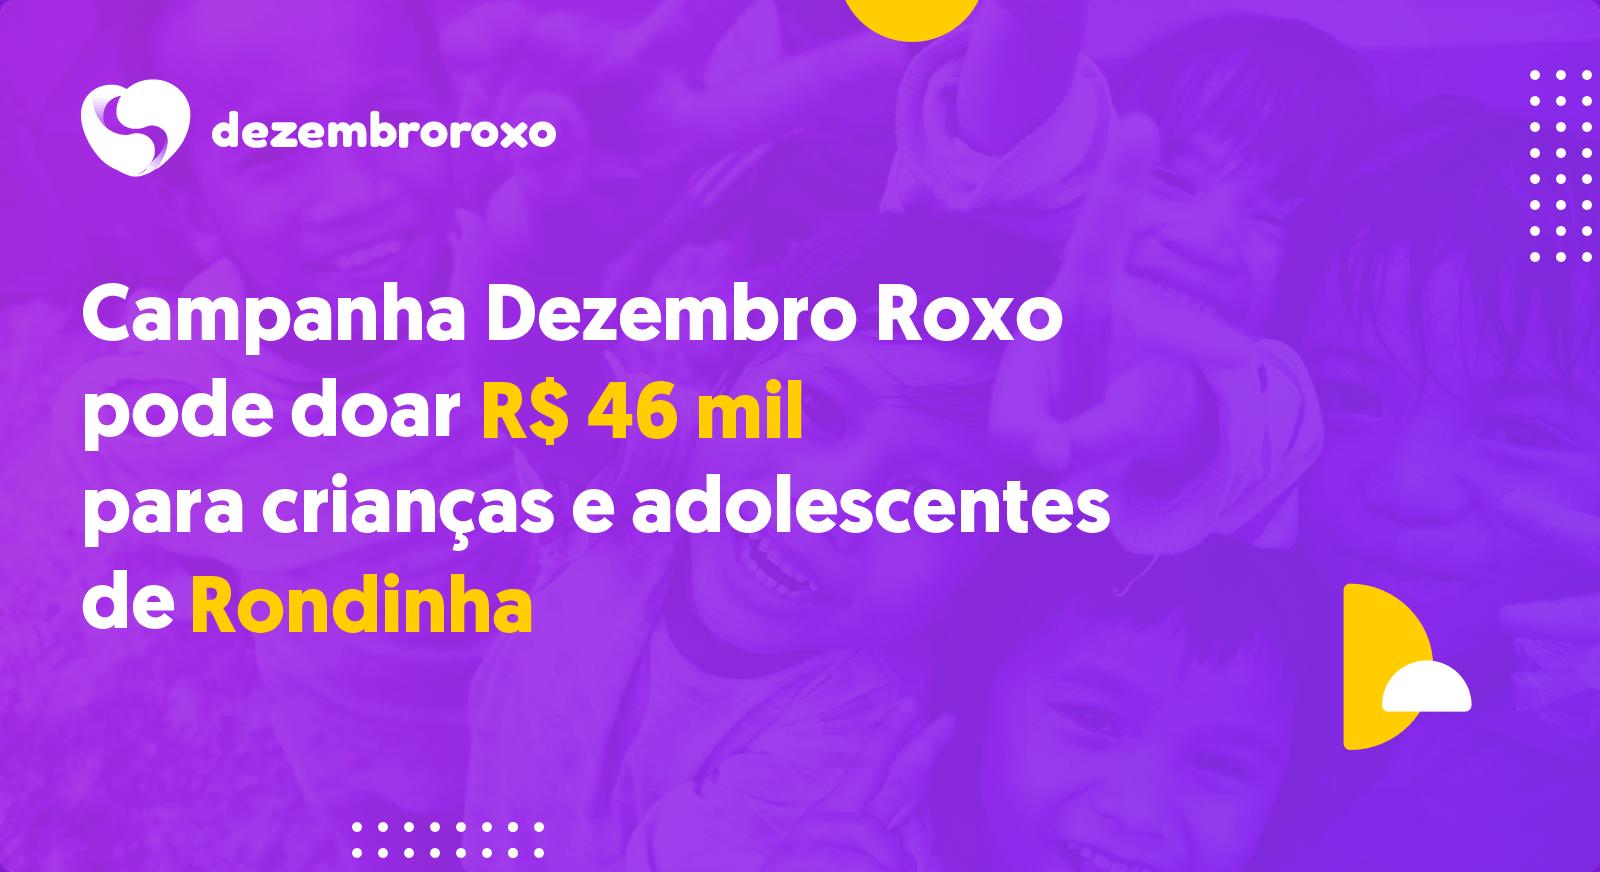 Doações em Rondinha - RS